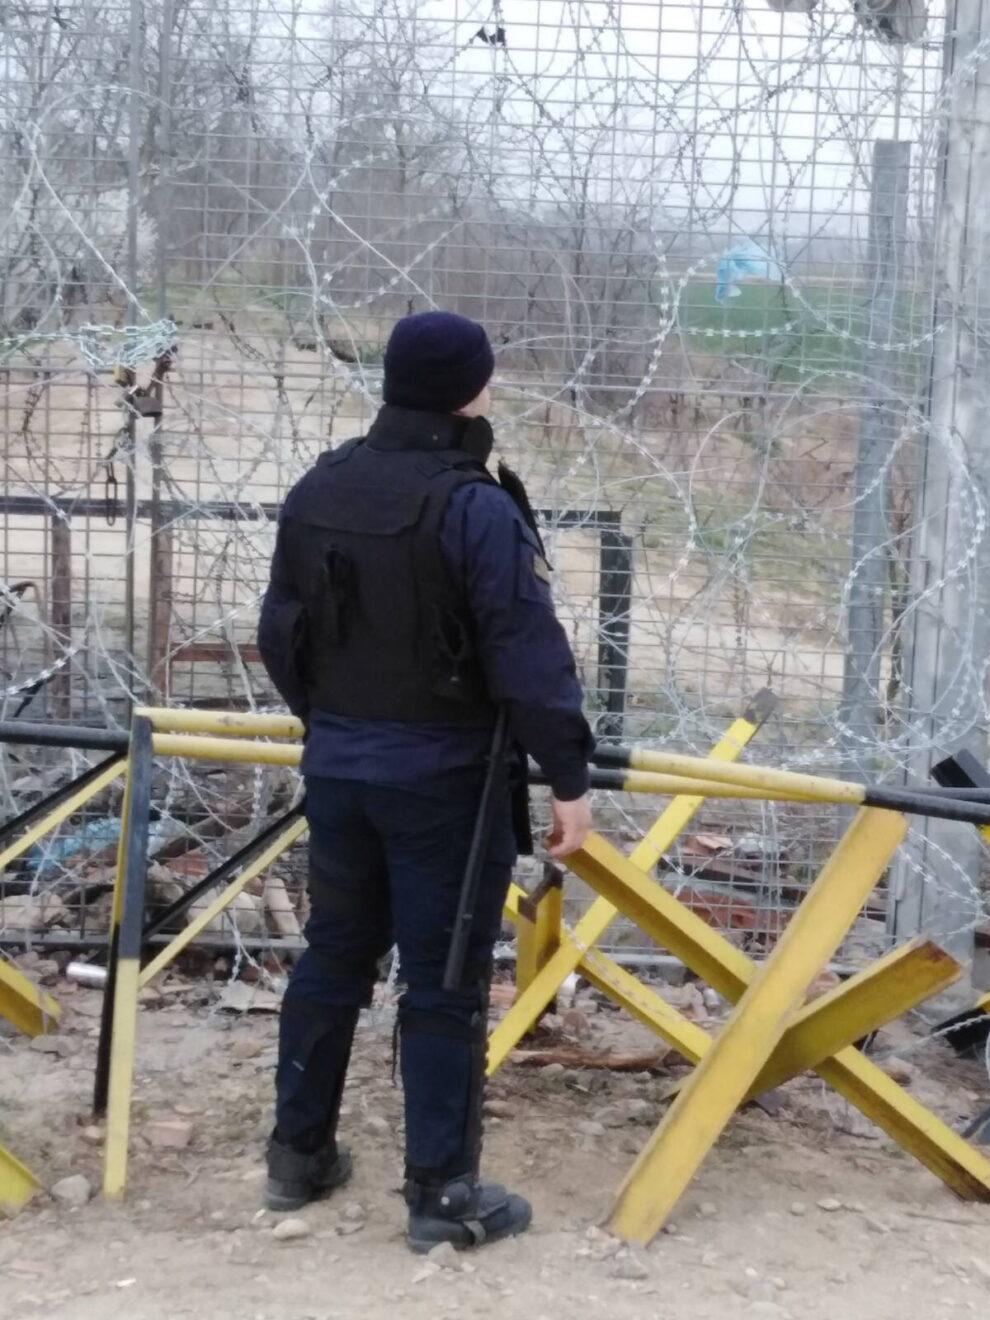 """Στην """"πρώτη γραμμή"""" στον Έβρο απέναντι στους """"Γκρίζους Λύκους""""  του Ερντογάν αστυνομικοί από Μεσσηνία & Λακωνία"""